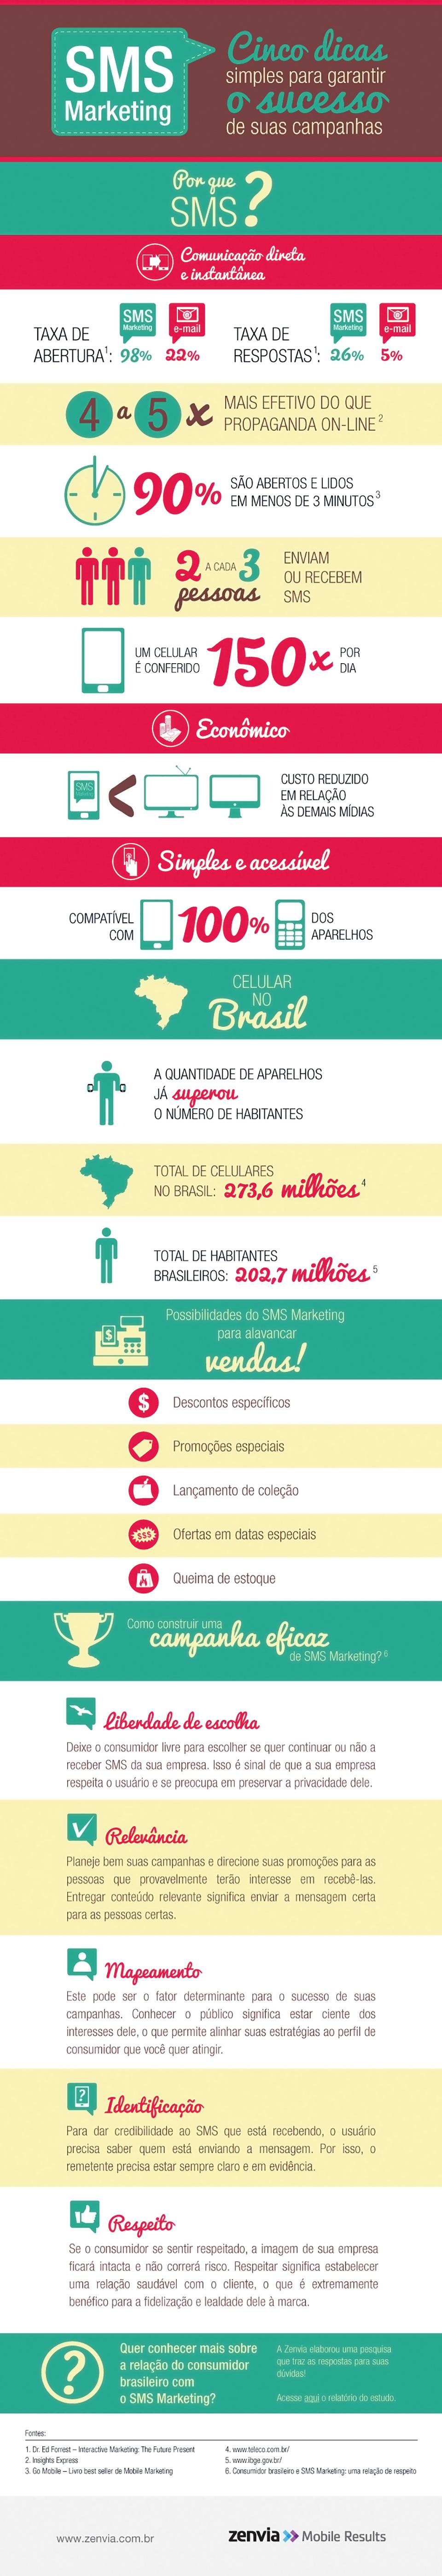 SMS Marketing: 5 dicas para garantir sucesso na sua campanha [infográfico]